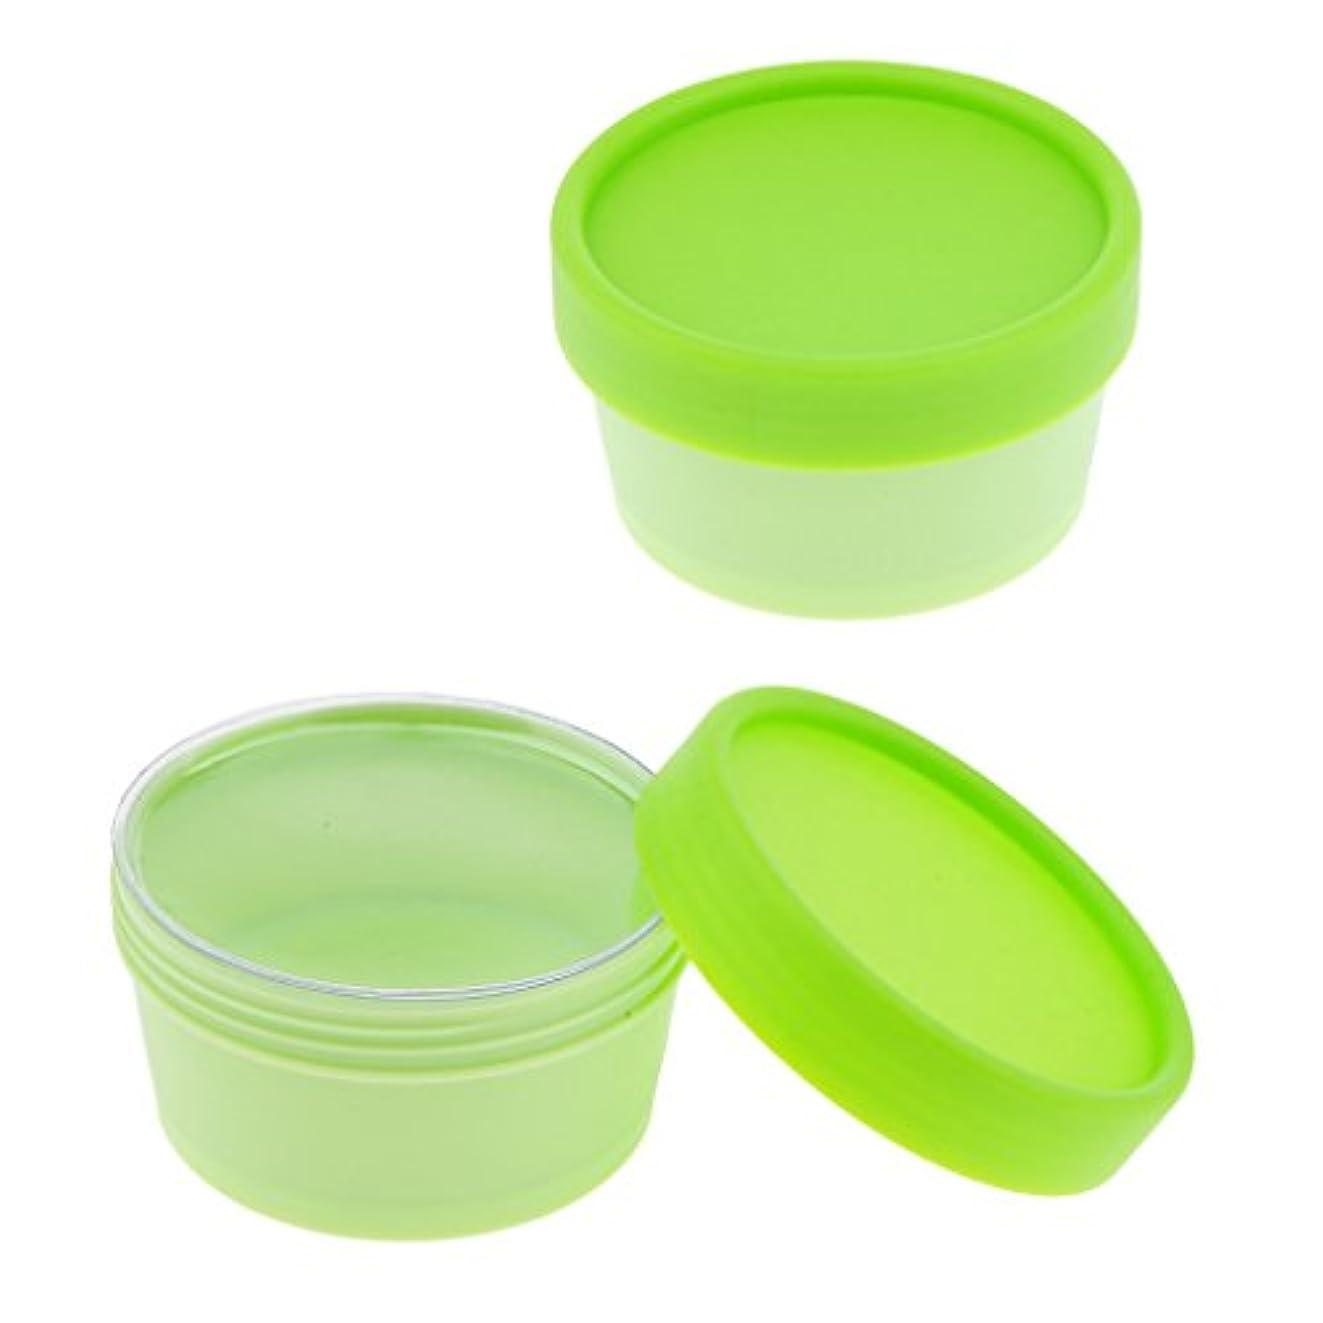 思い出す知覚真向こう2xメイクアップジャー、蓋付き粉クリーム貯蔵化粧品容器50g - 緑